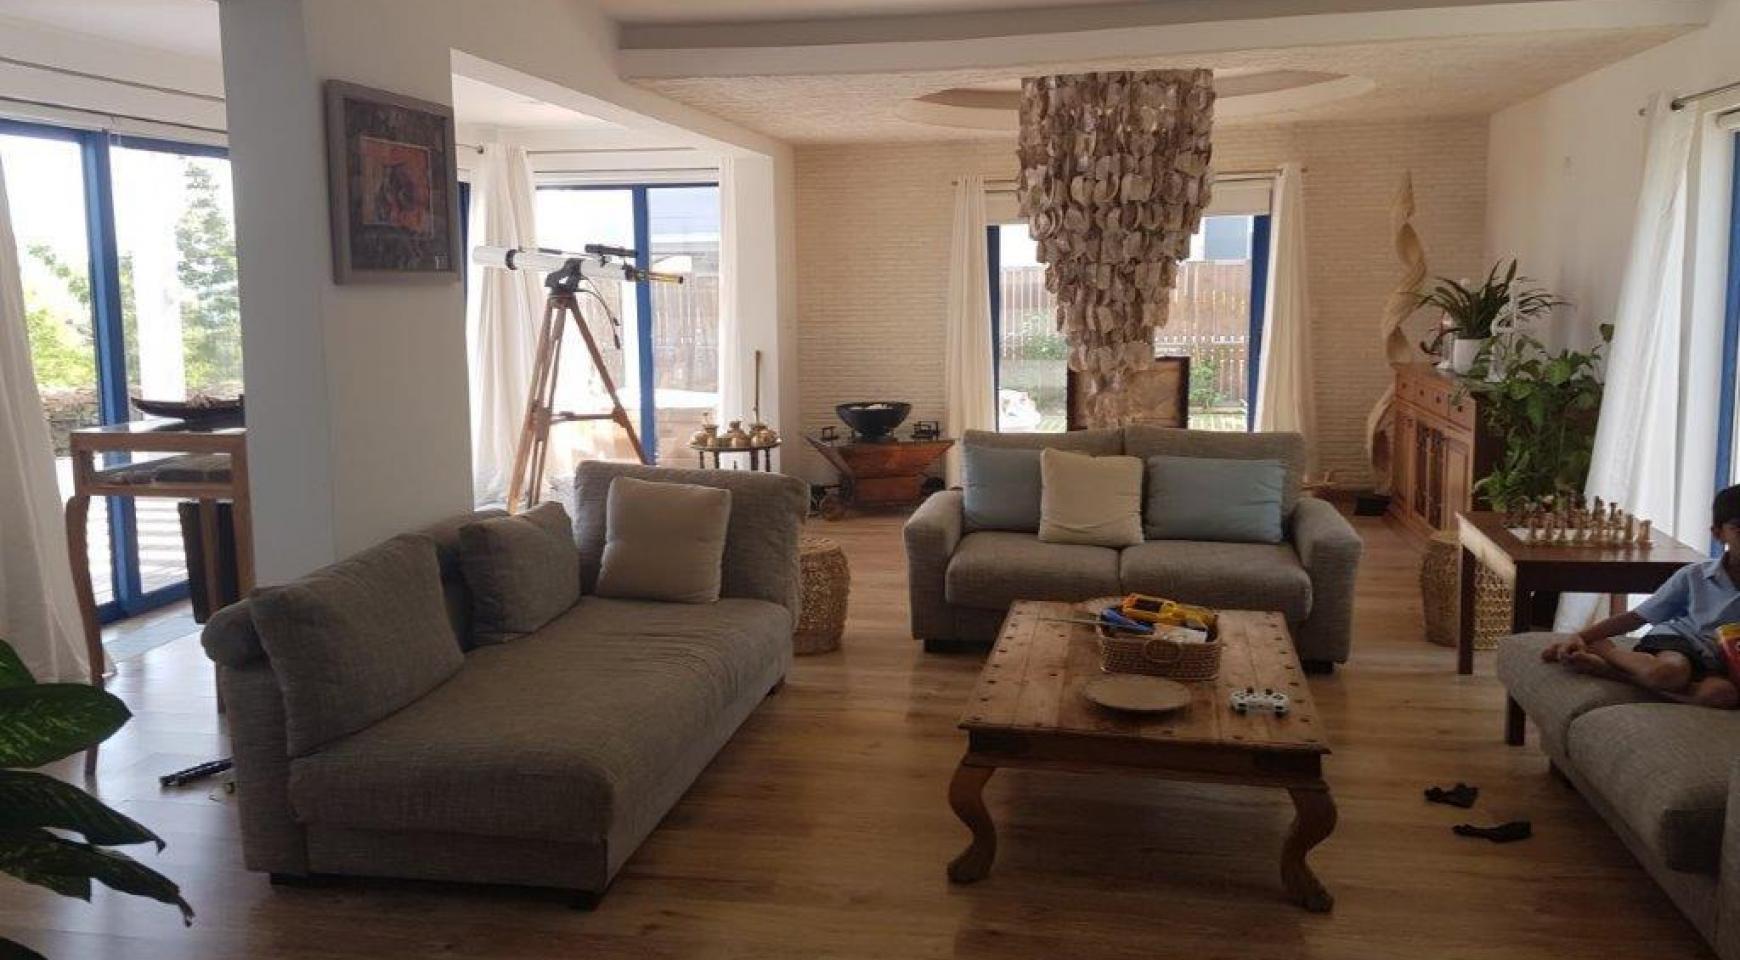 5 Bedroom Villa with Sea Views in Agios Tychonas Area - 11